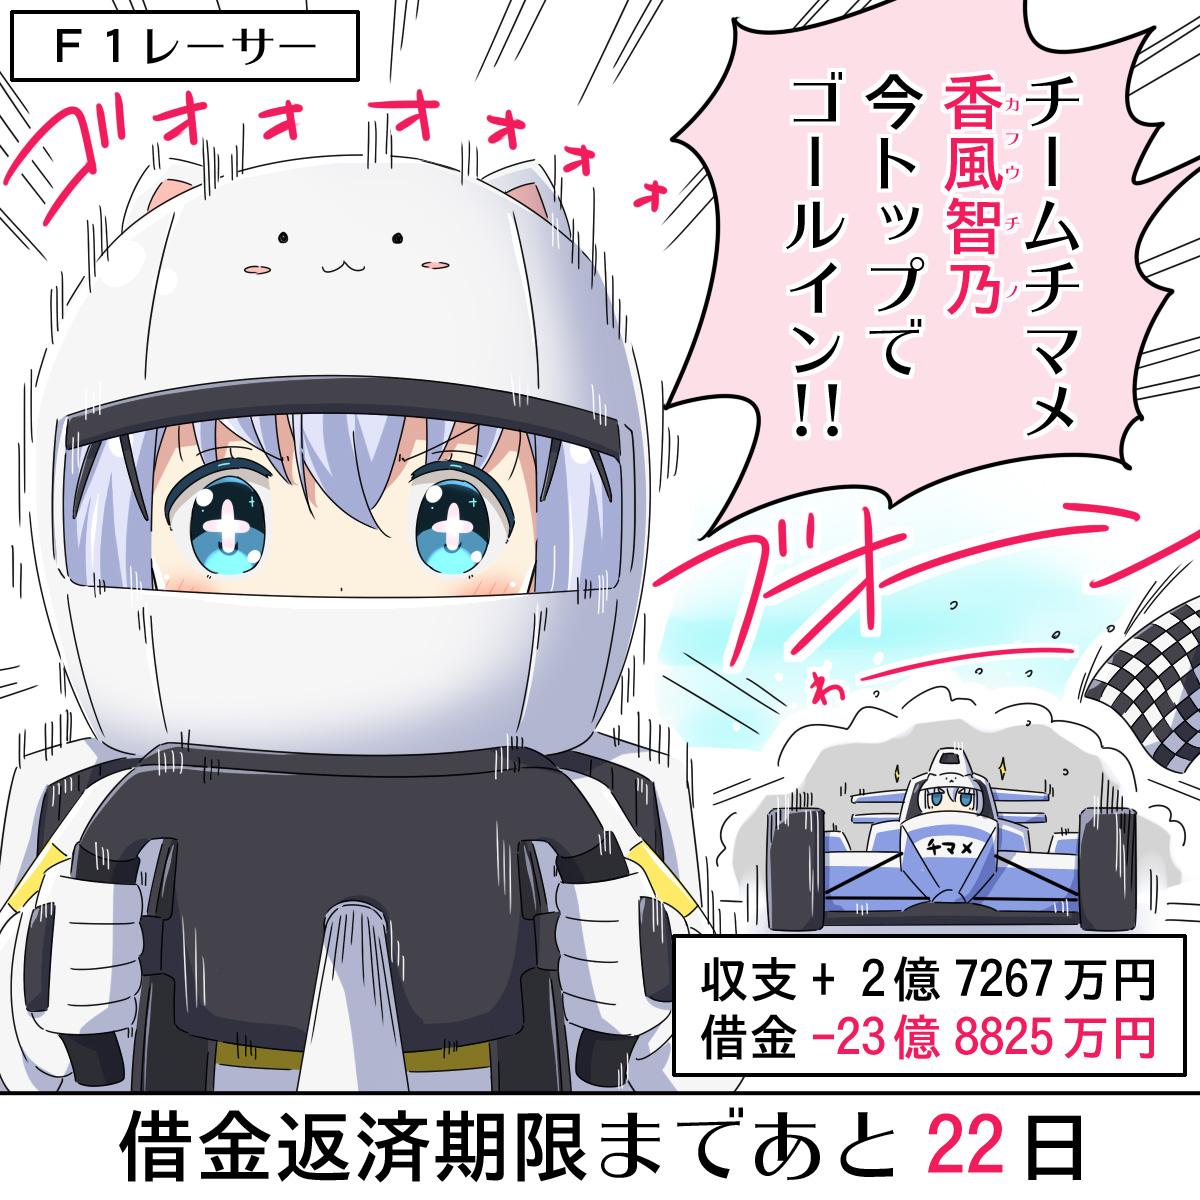 [ごちうさ]30億円の借金を返済するチノちゃん 8日目#gochiusa #30億チノ